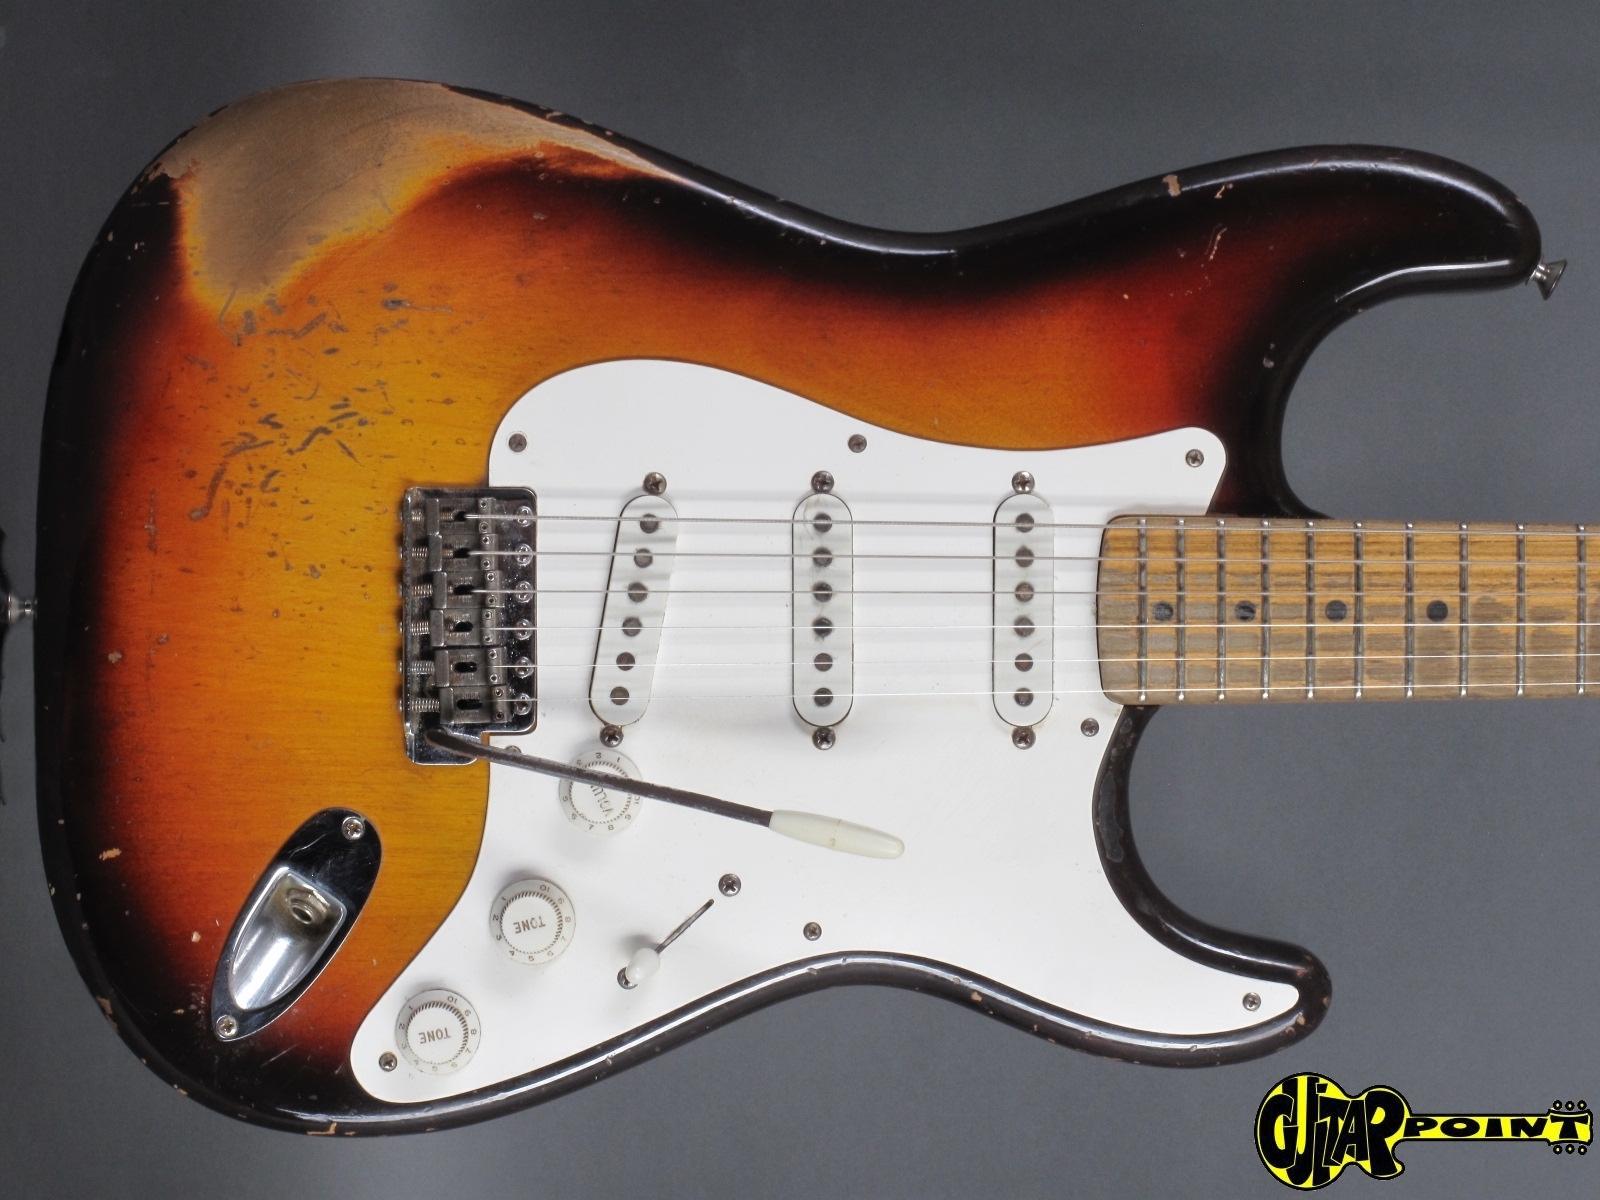 1959 Fender Stratocaster - 3-tone Sunburst / Maple-neck ...